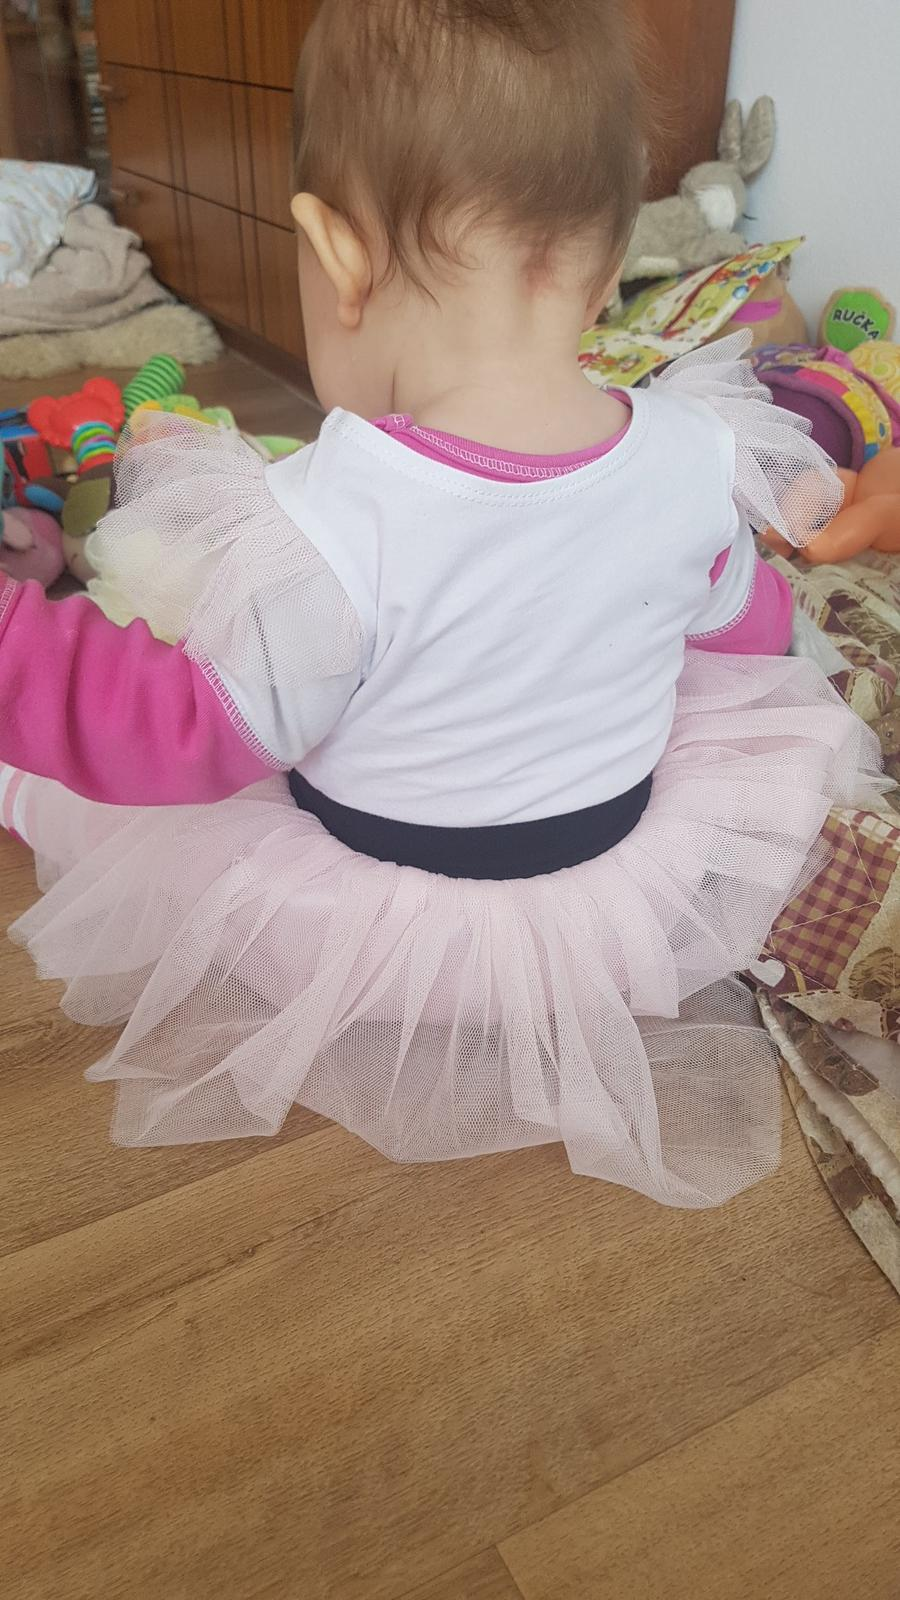 Tričko s rukávky TUTU tylové růžové a bílé  - Obrázek č. 4